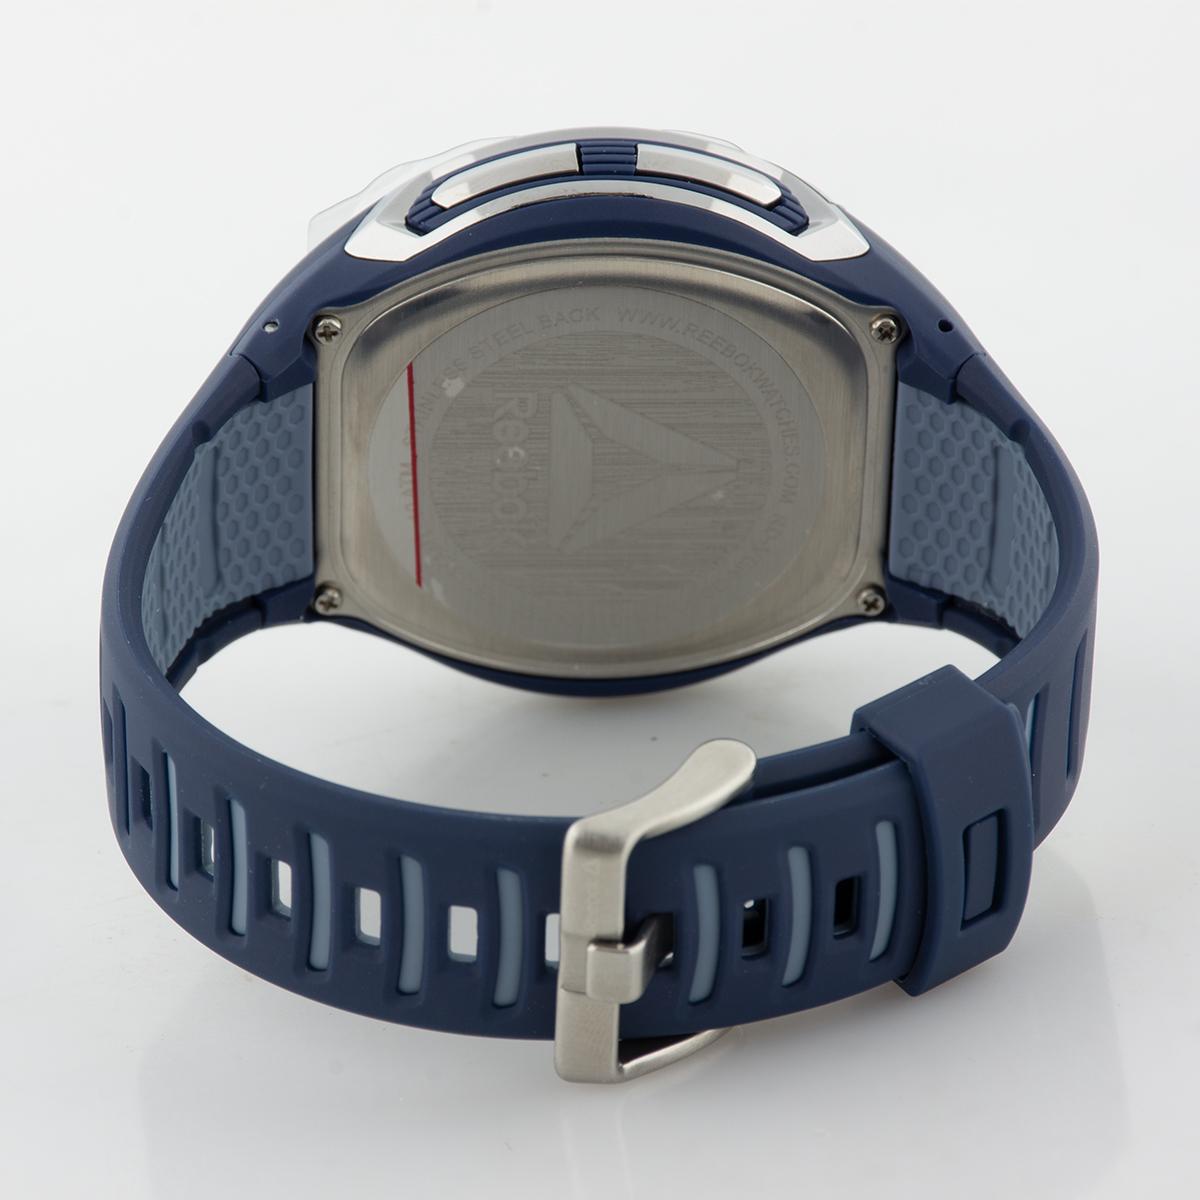 ساعت مچی دیجیتال مردانه ریباک مدل RD-VER-G9-PNPN-B1             قیمت